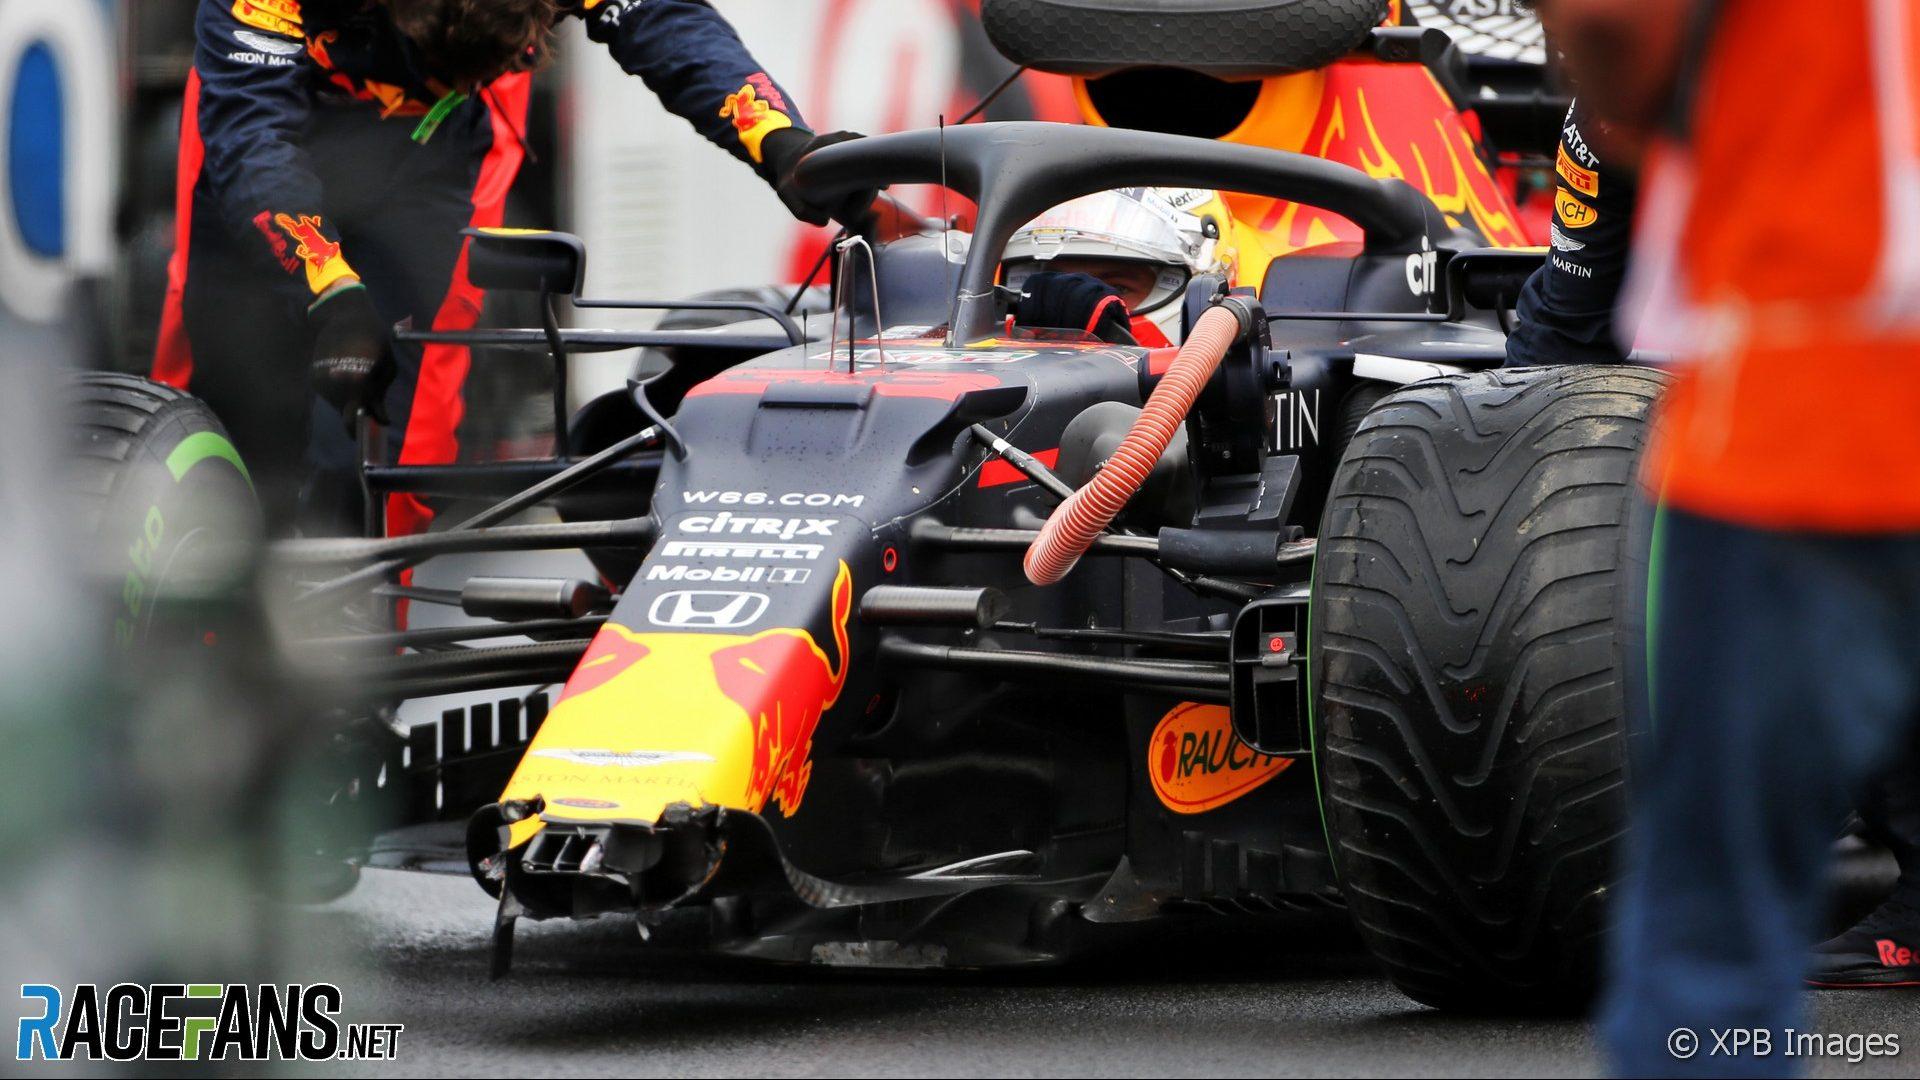 Max Verstappen, Red Bull, Hungaroring, 2020